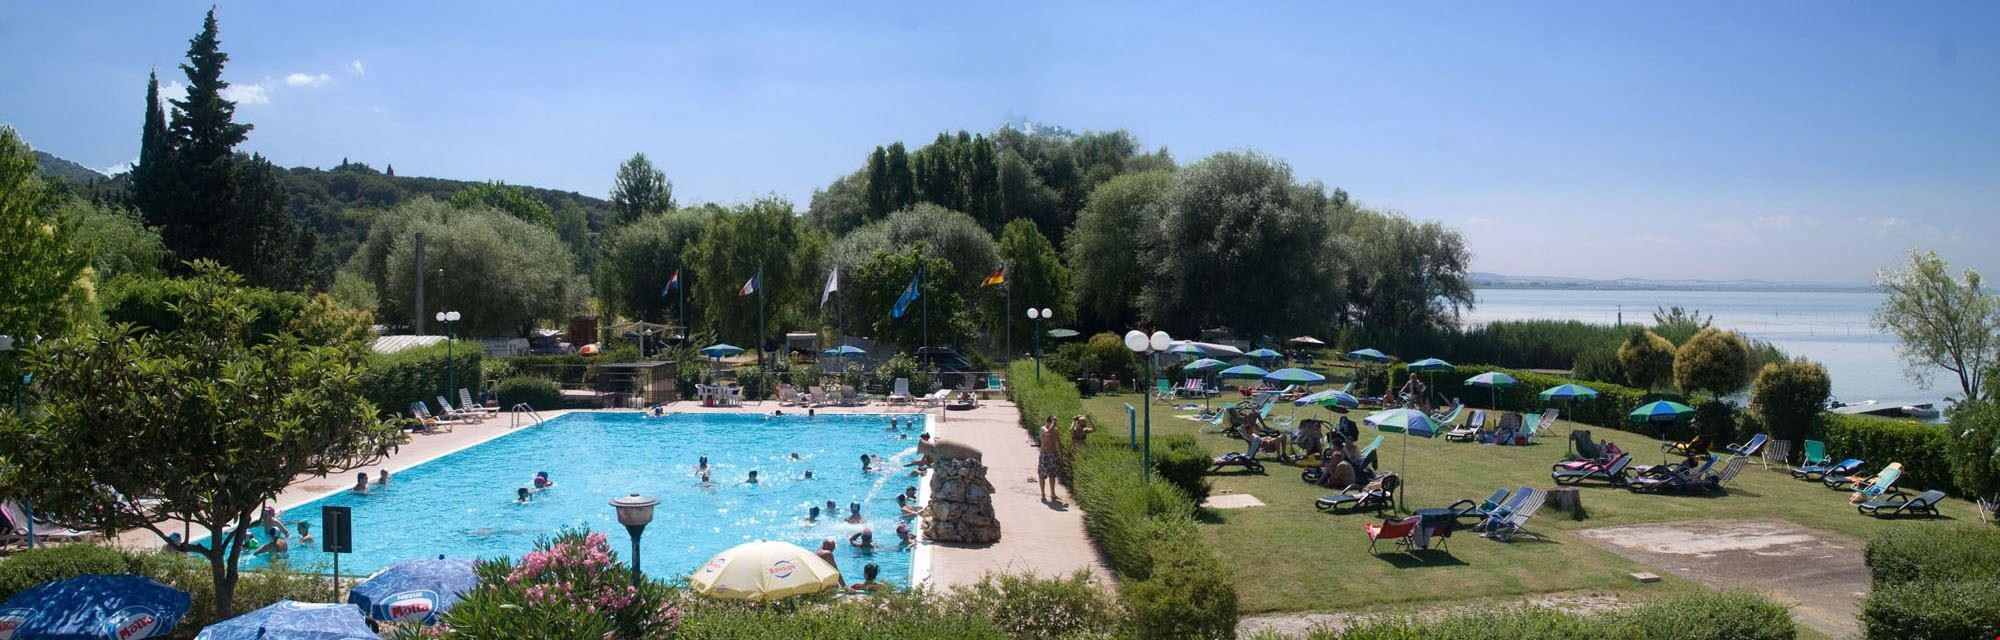 Camping con Piscina in Umbria